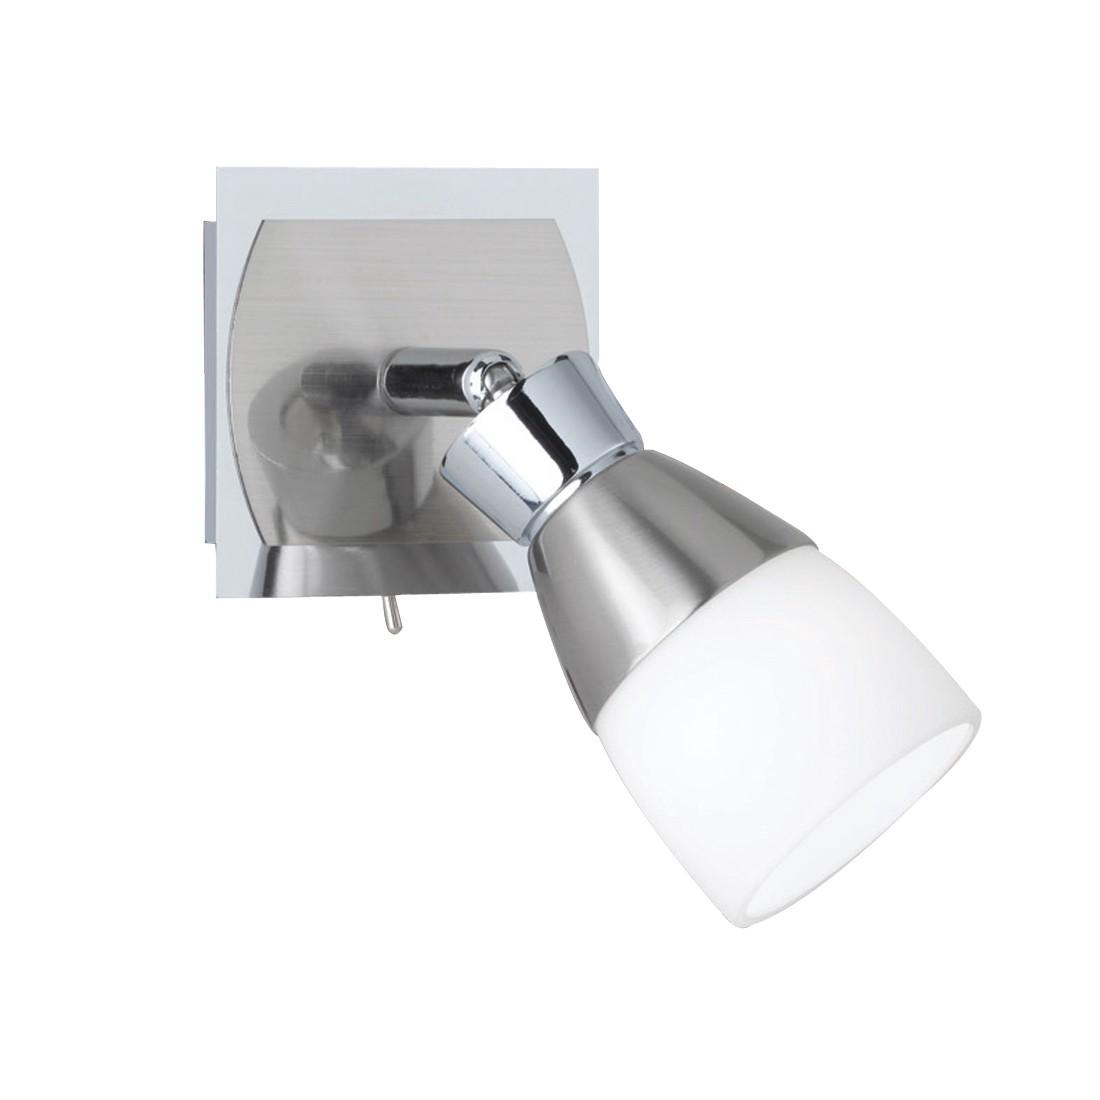 EEK A+, LED- 5 Watt Wandstrahler – im Edelstahllook, Paul Neuhaus günstig bestellen